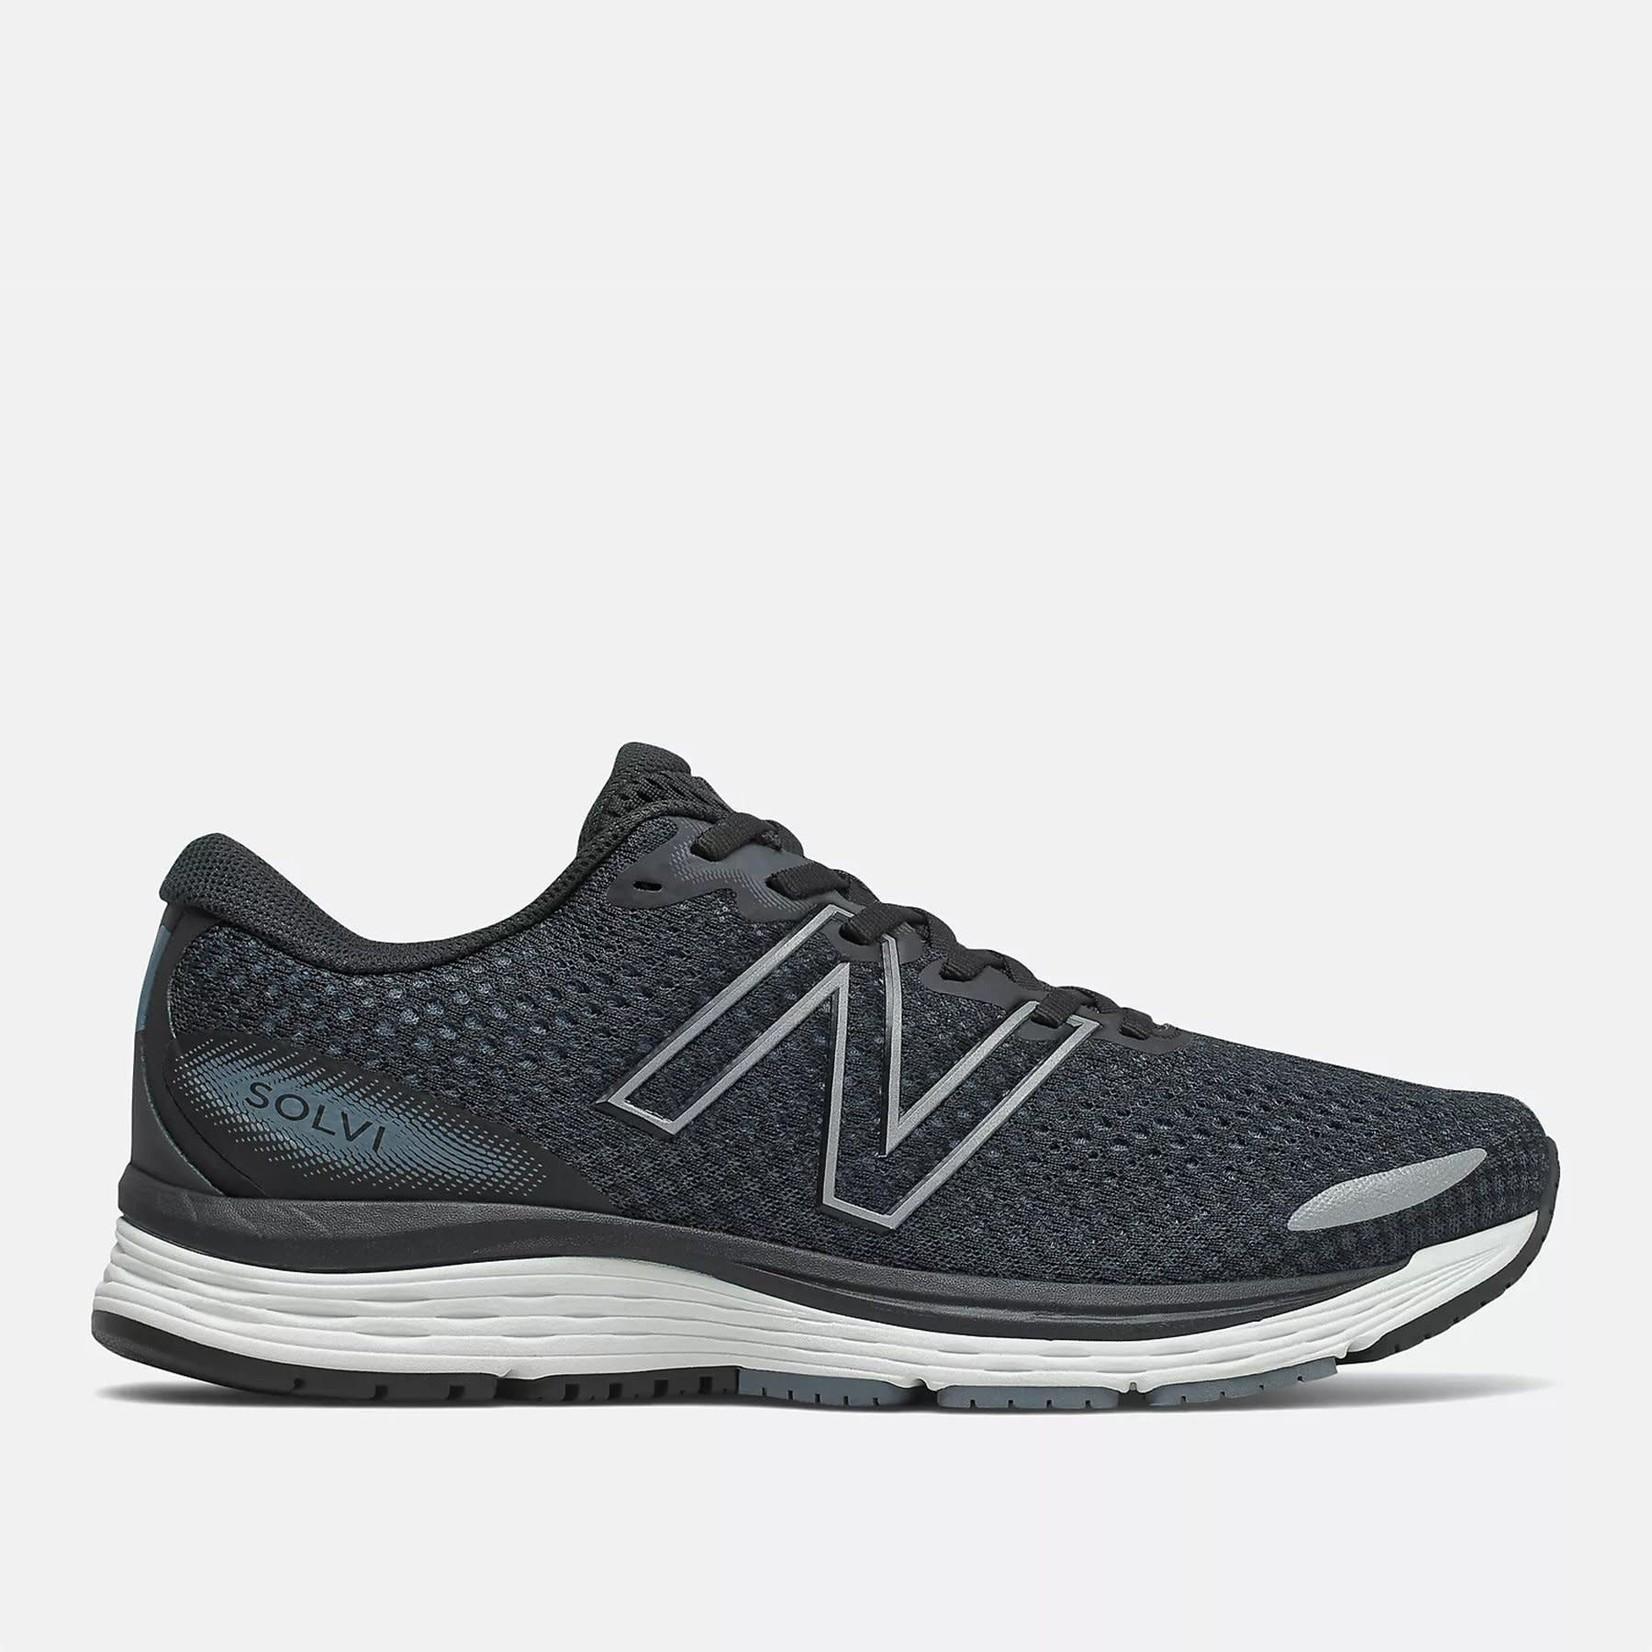 New Balance New Balance Running Shoes, Solvi v3 MSOLVLK3, Mens